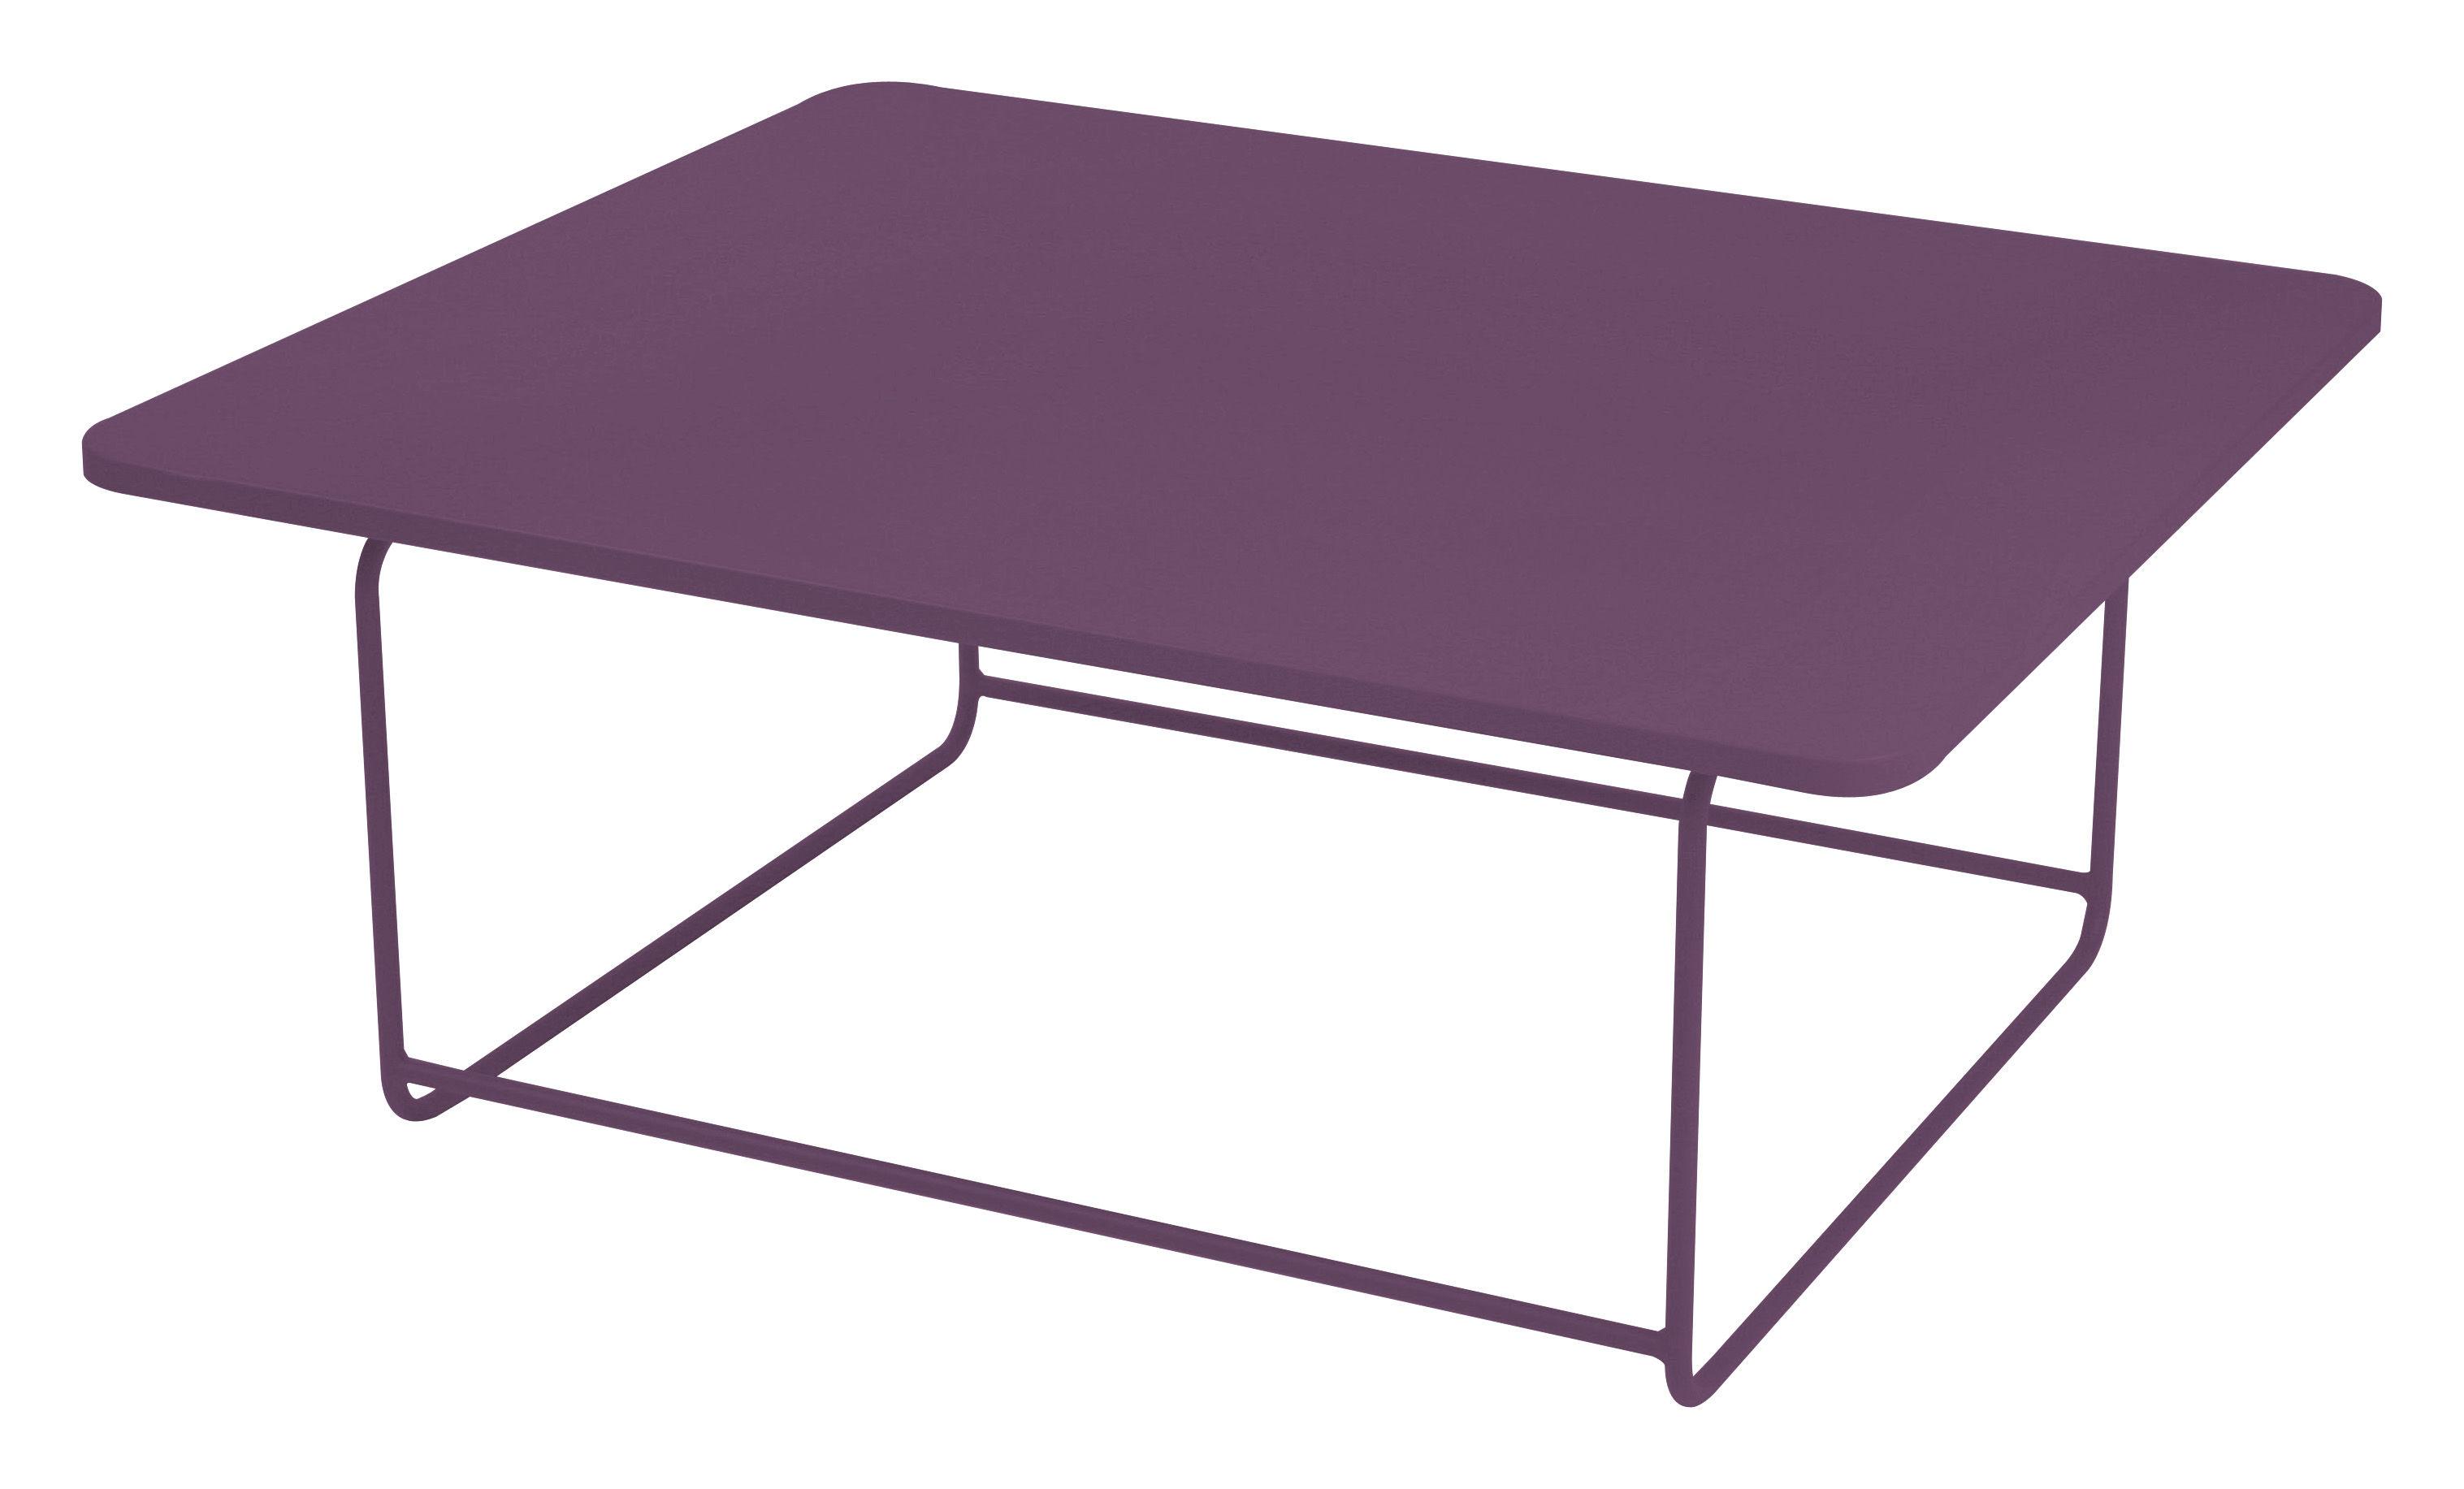 Arredamento - Tavolini  - Tavolino Ellipse di Fermob - Melanzana - Acciaio laccato